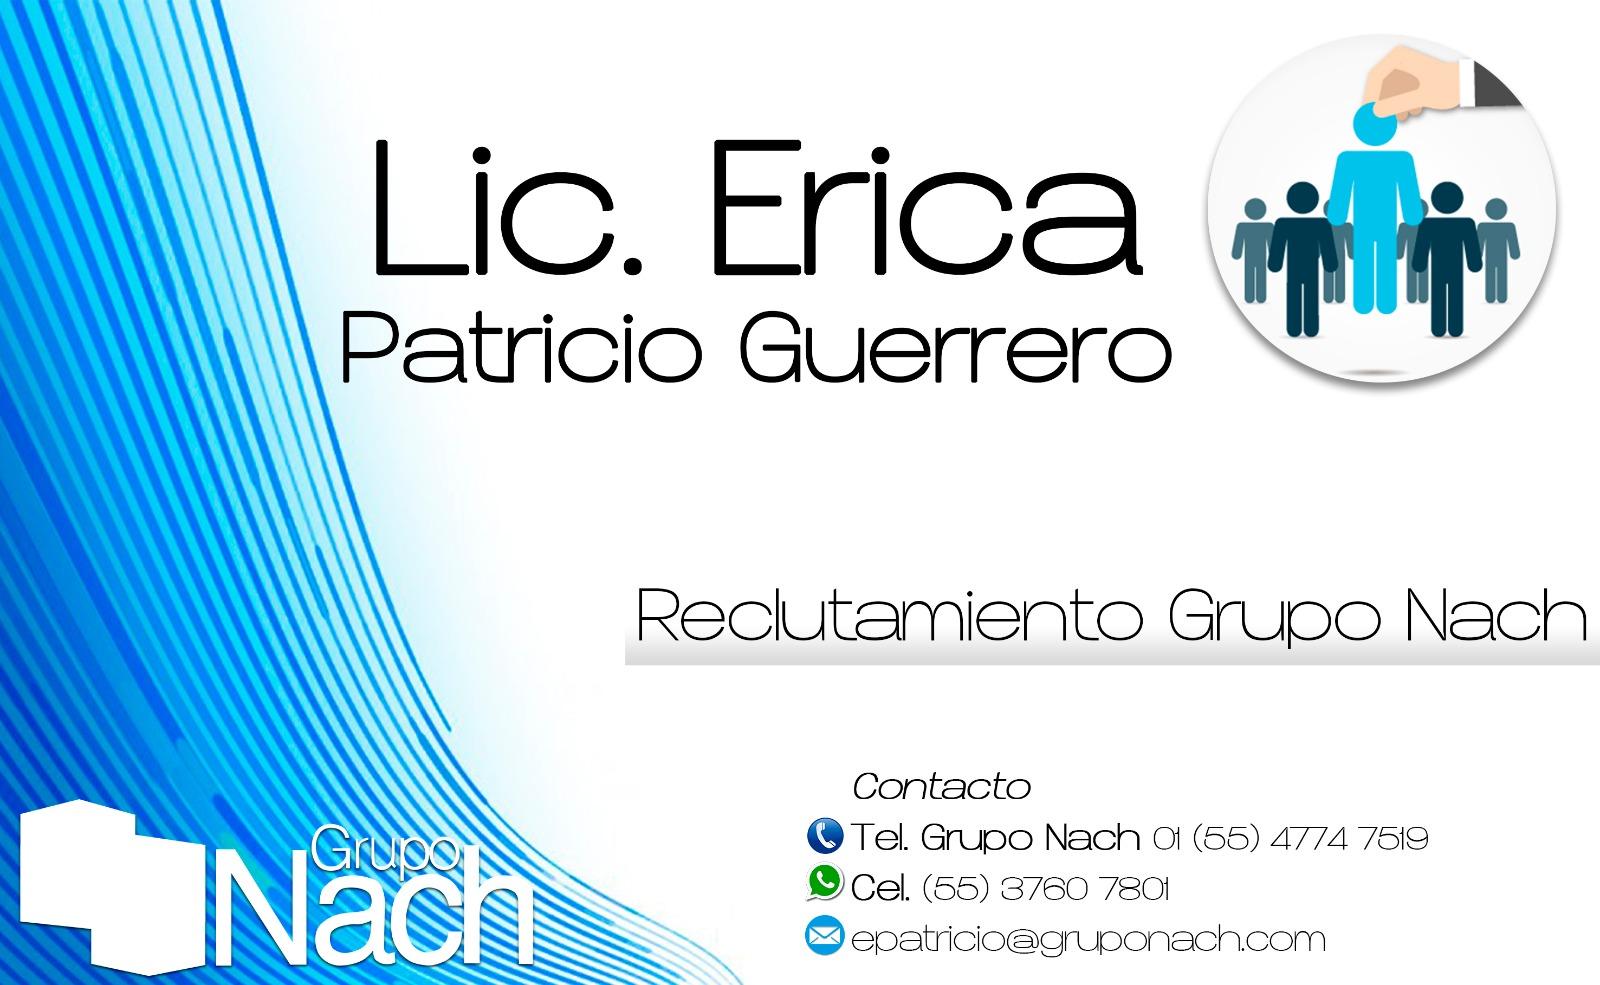 Perfil de Erica Patricio Guerrero